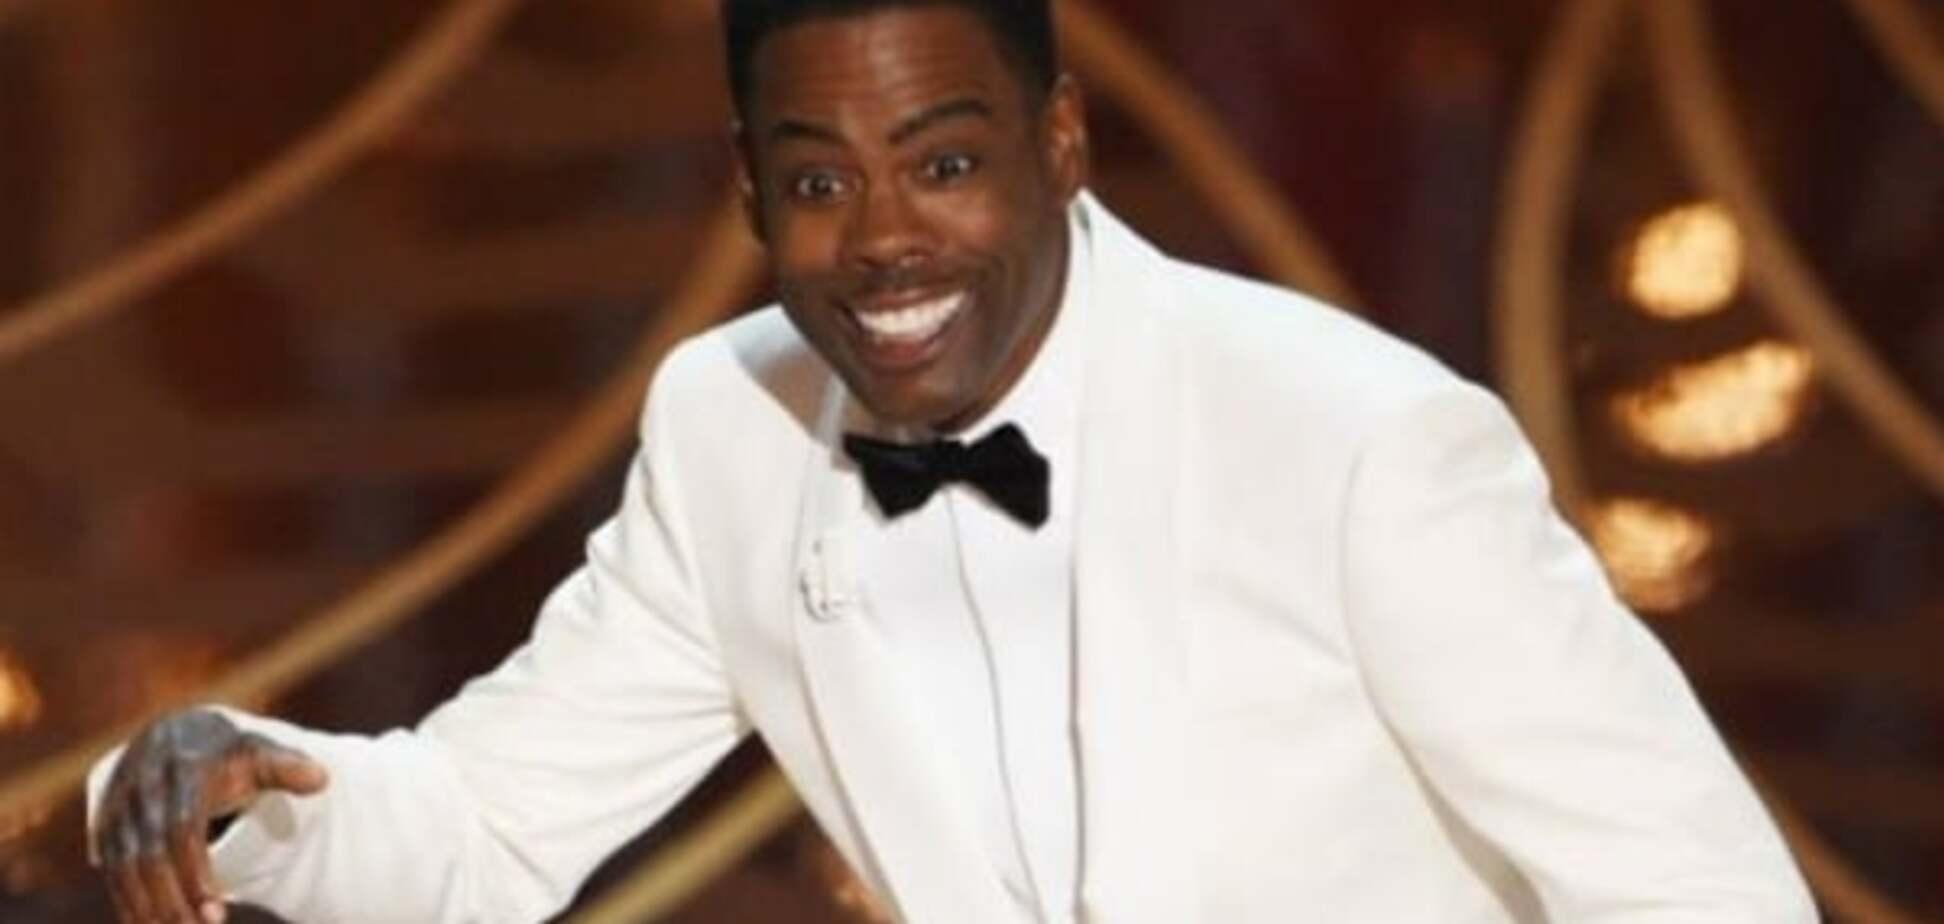 Крис Рок возмутил соцсети шуткой об азиатских детях на 'Оскаре'